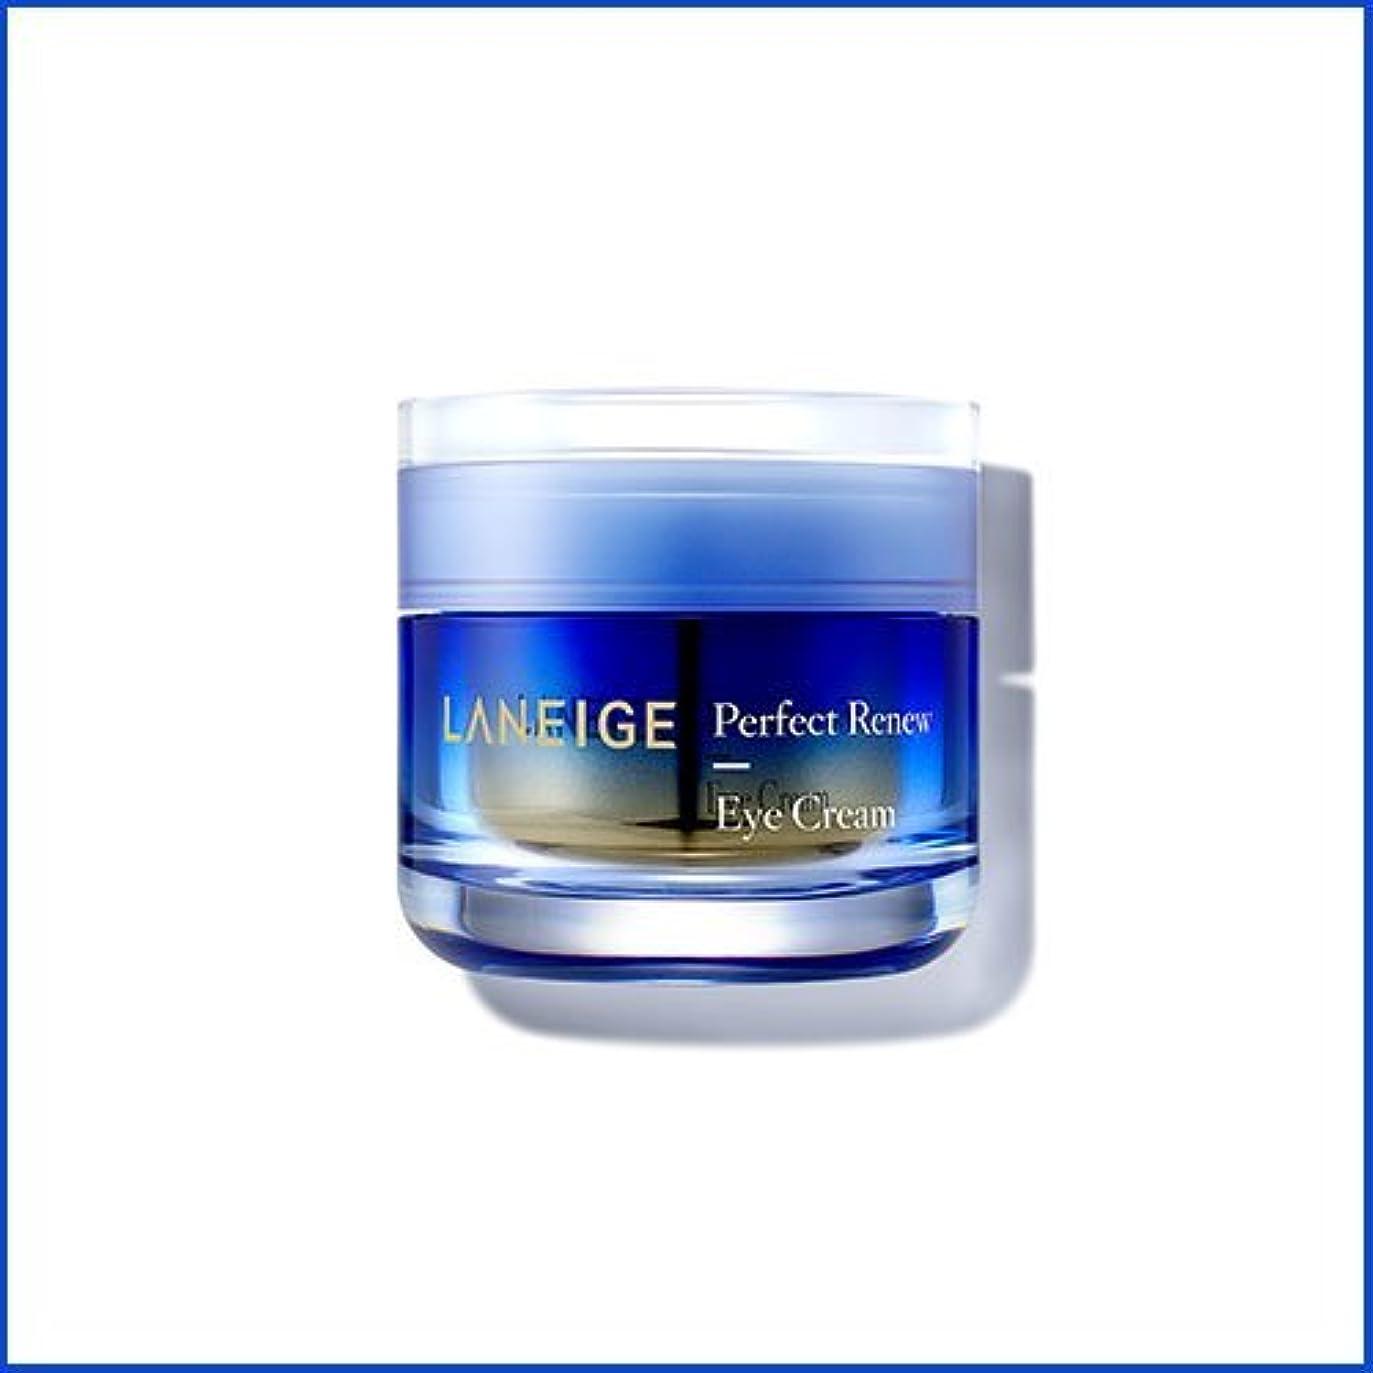 頻繁にバレーボール難しい【ラネージュ】【LANEIGE】【韓国コスメ】【アイクリーム 】 パーフェクト リニュー アイ クリーム 20ml Perfect Renew Eye Cream [並行輸入品]